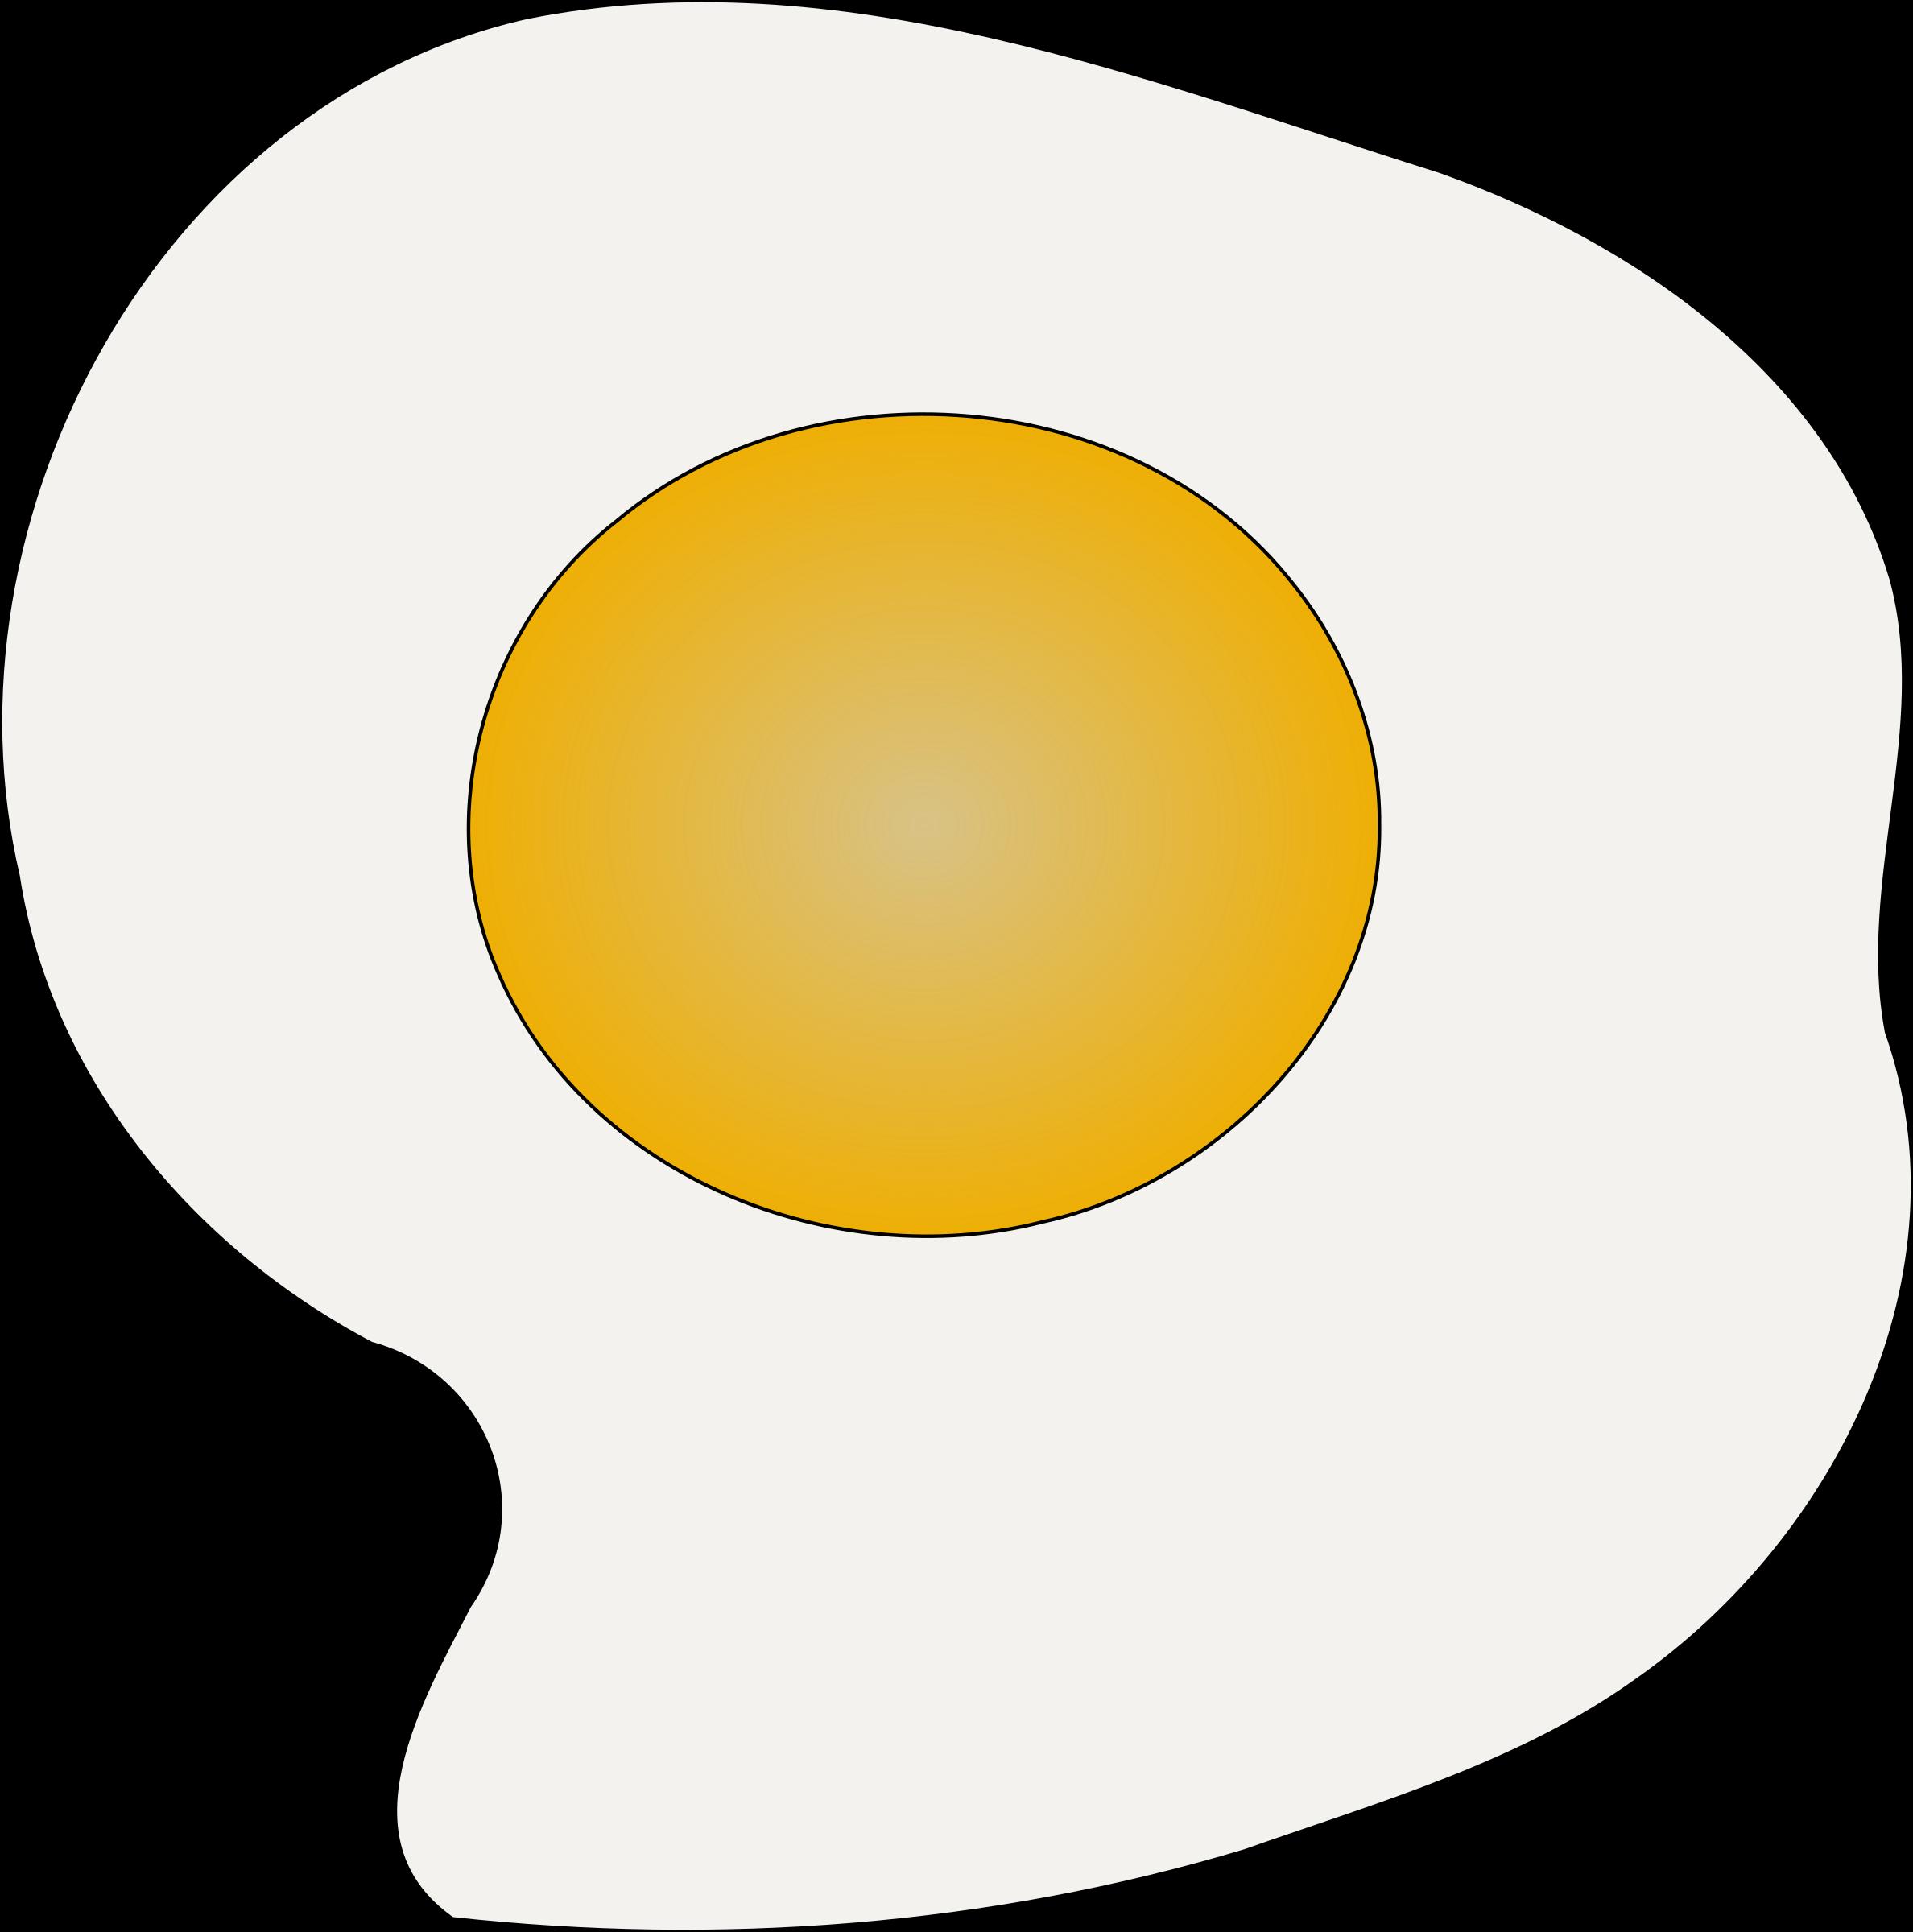 Fried Egg clipart itlog Sunnyside sunnyside Clipart egg up